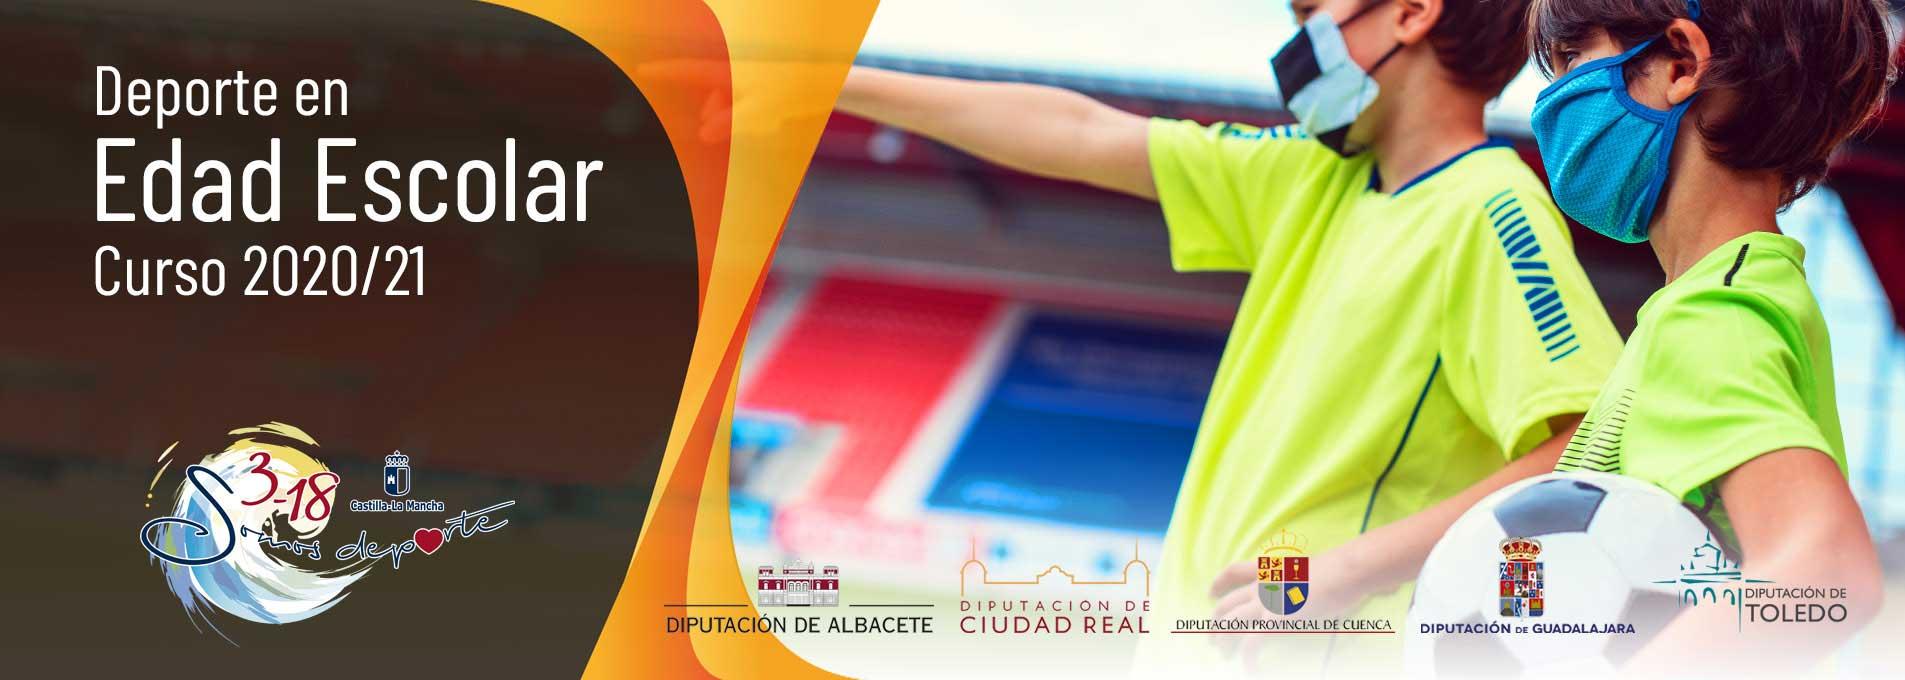 El Gobierno de Castilla-La Mancha impulsa el programa 'Somos Deporte 3-18' con una mayor apuesta por el deporte femenino y la recuperación de la gratuidad del transporte